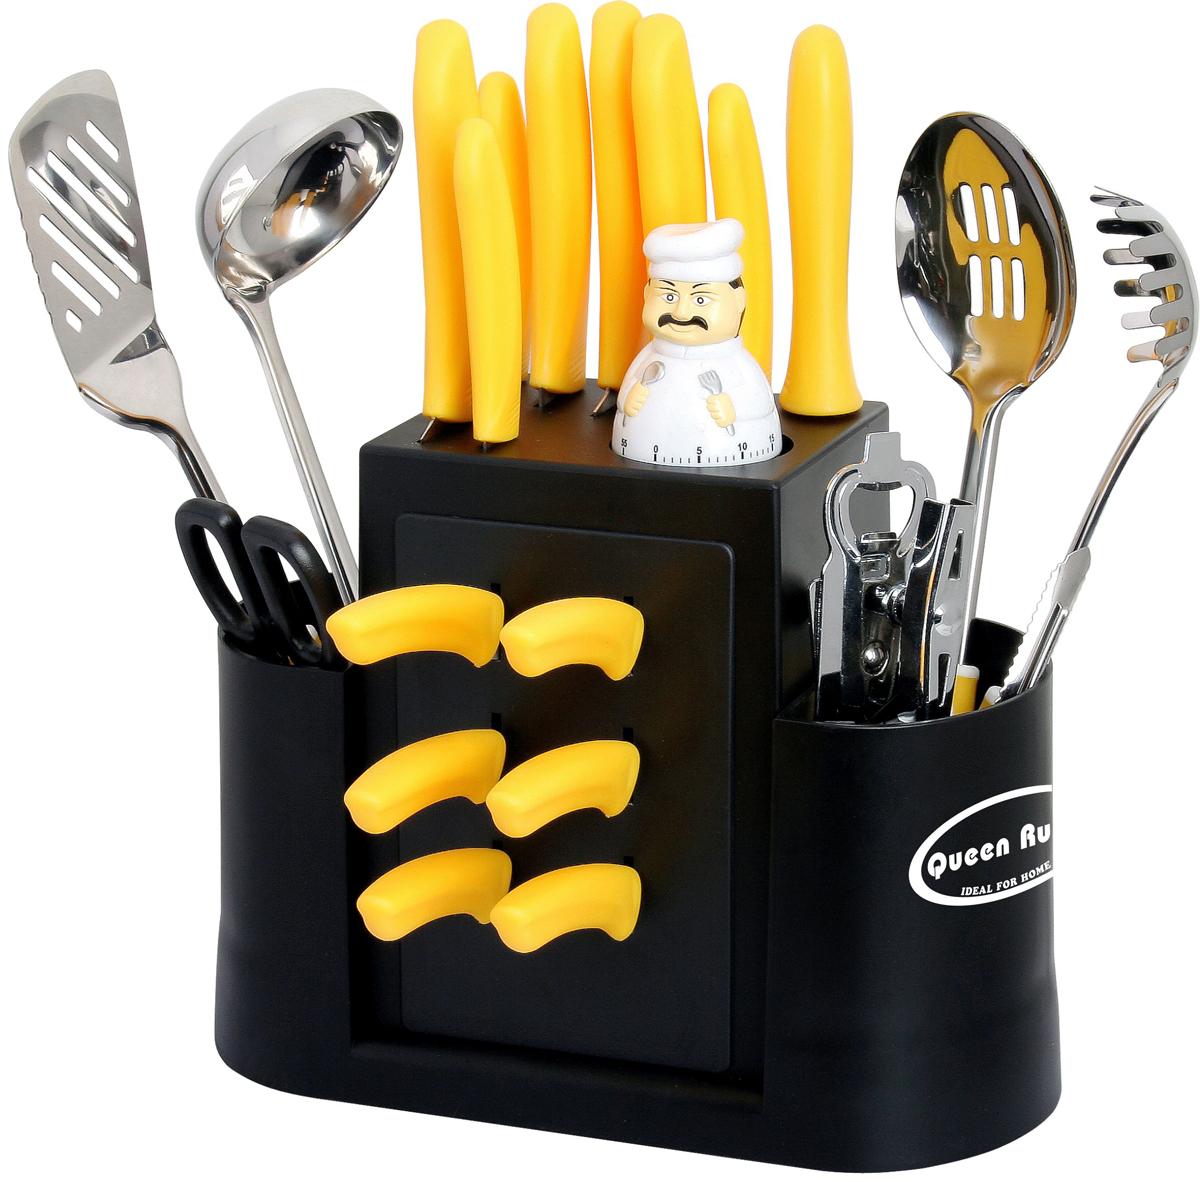 """Набор кухонных принадлежностей """"Queen Ruby"""" состоит из 23 предметов, выполненных изнержавеющей сталь.В наборе: - Ножницы кухонные; - Консервный нож; - Мясоразделочный нож; - Нож для хлеба; - Поварской нож; - Нож универсальный; - Нож для резки овощей; - Сервисные ножи; - Нож гибкий для чистки овощей; - Мусат; - Таймер; - Ножницы кухонные; - Консервный нож; - Открывалка; - Нож для удаления кожуры и шелухи; - Лопатка с прорезами; - Ложка для спагетти; - Большая ложка с прорезями."""